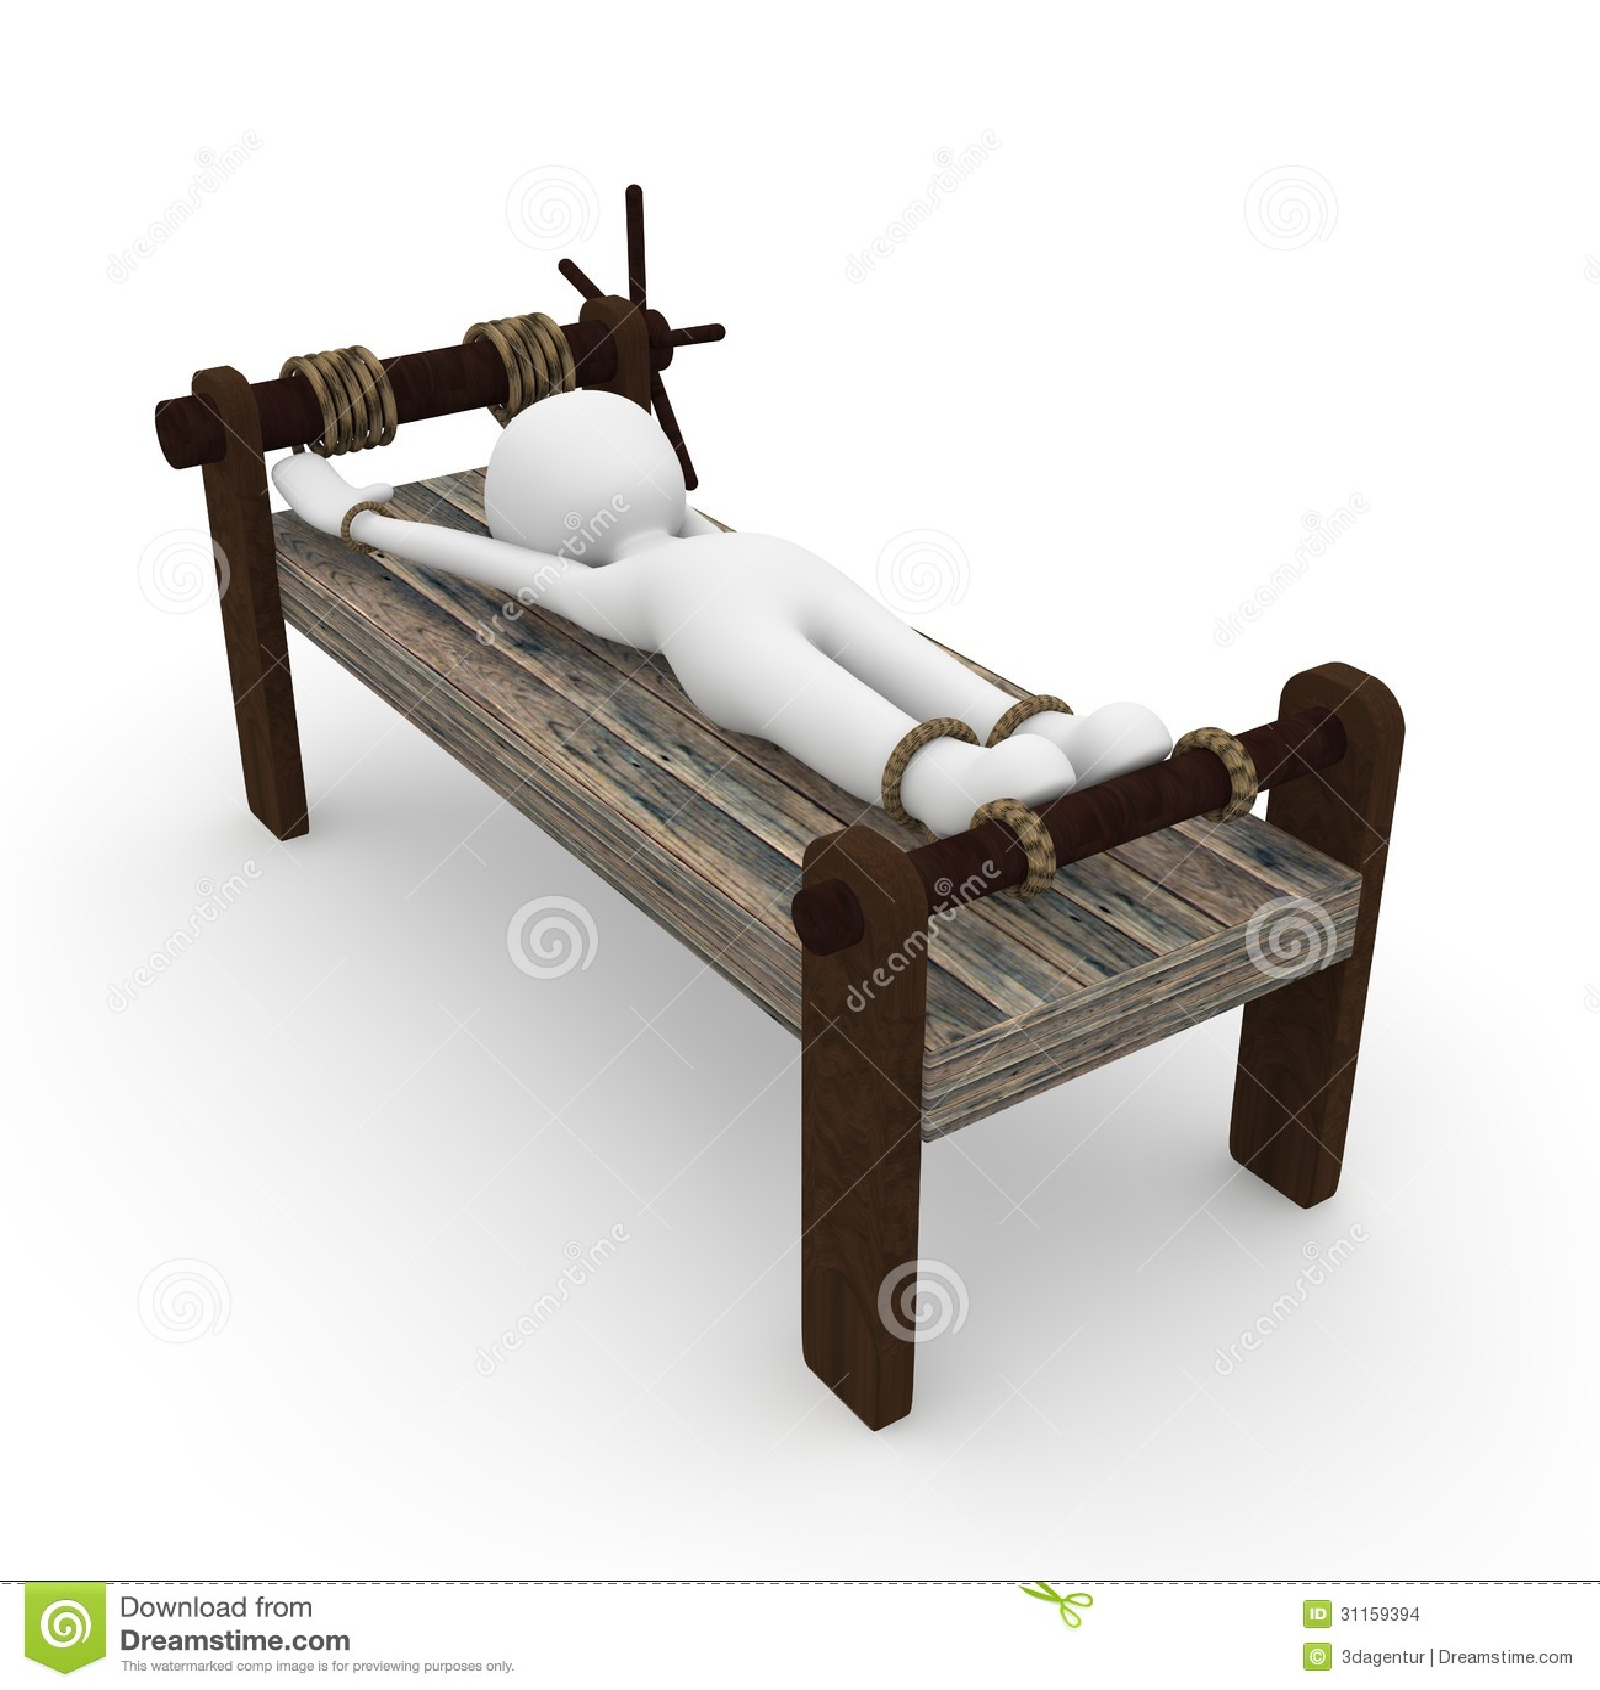 Medieval torture 1 - 5 6